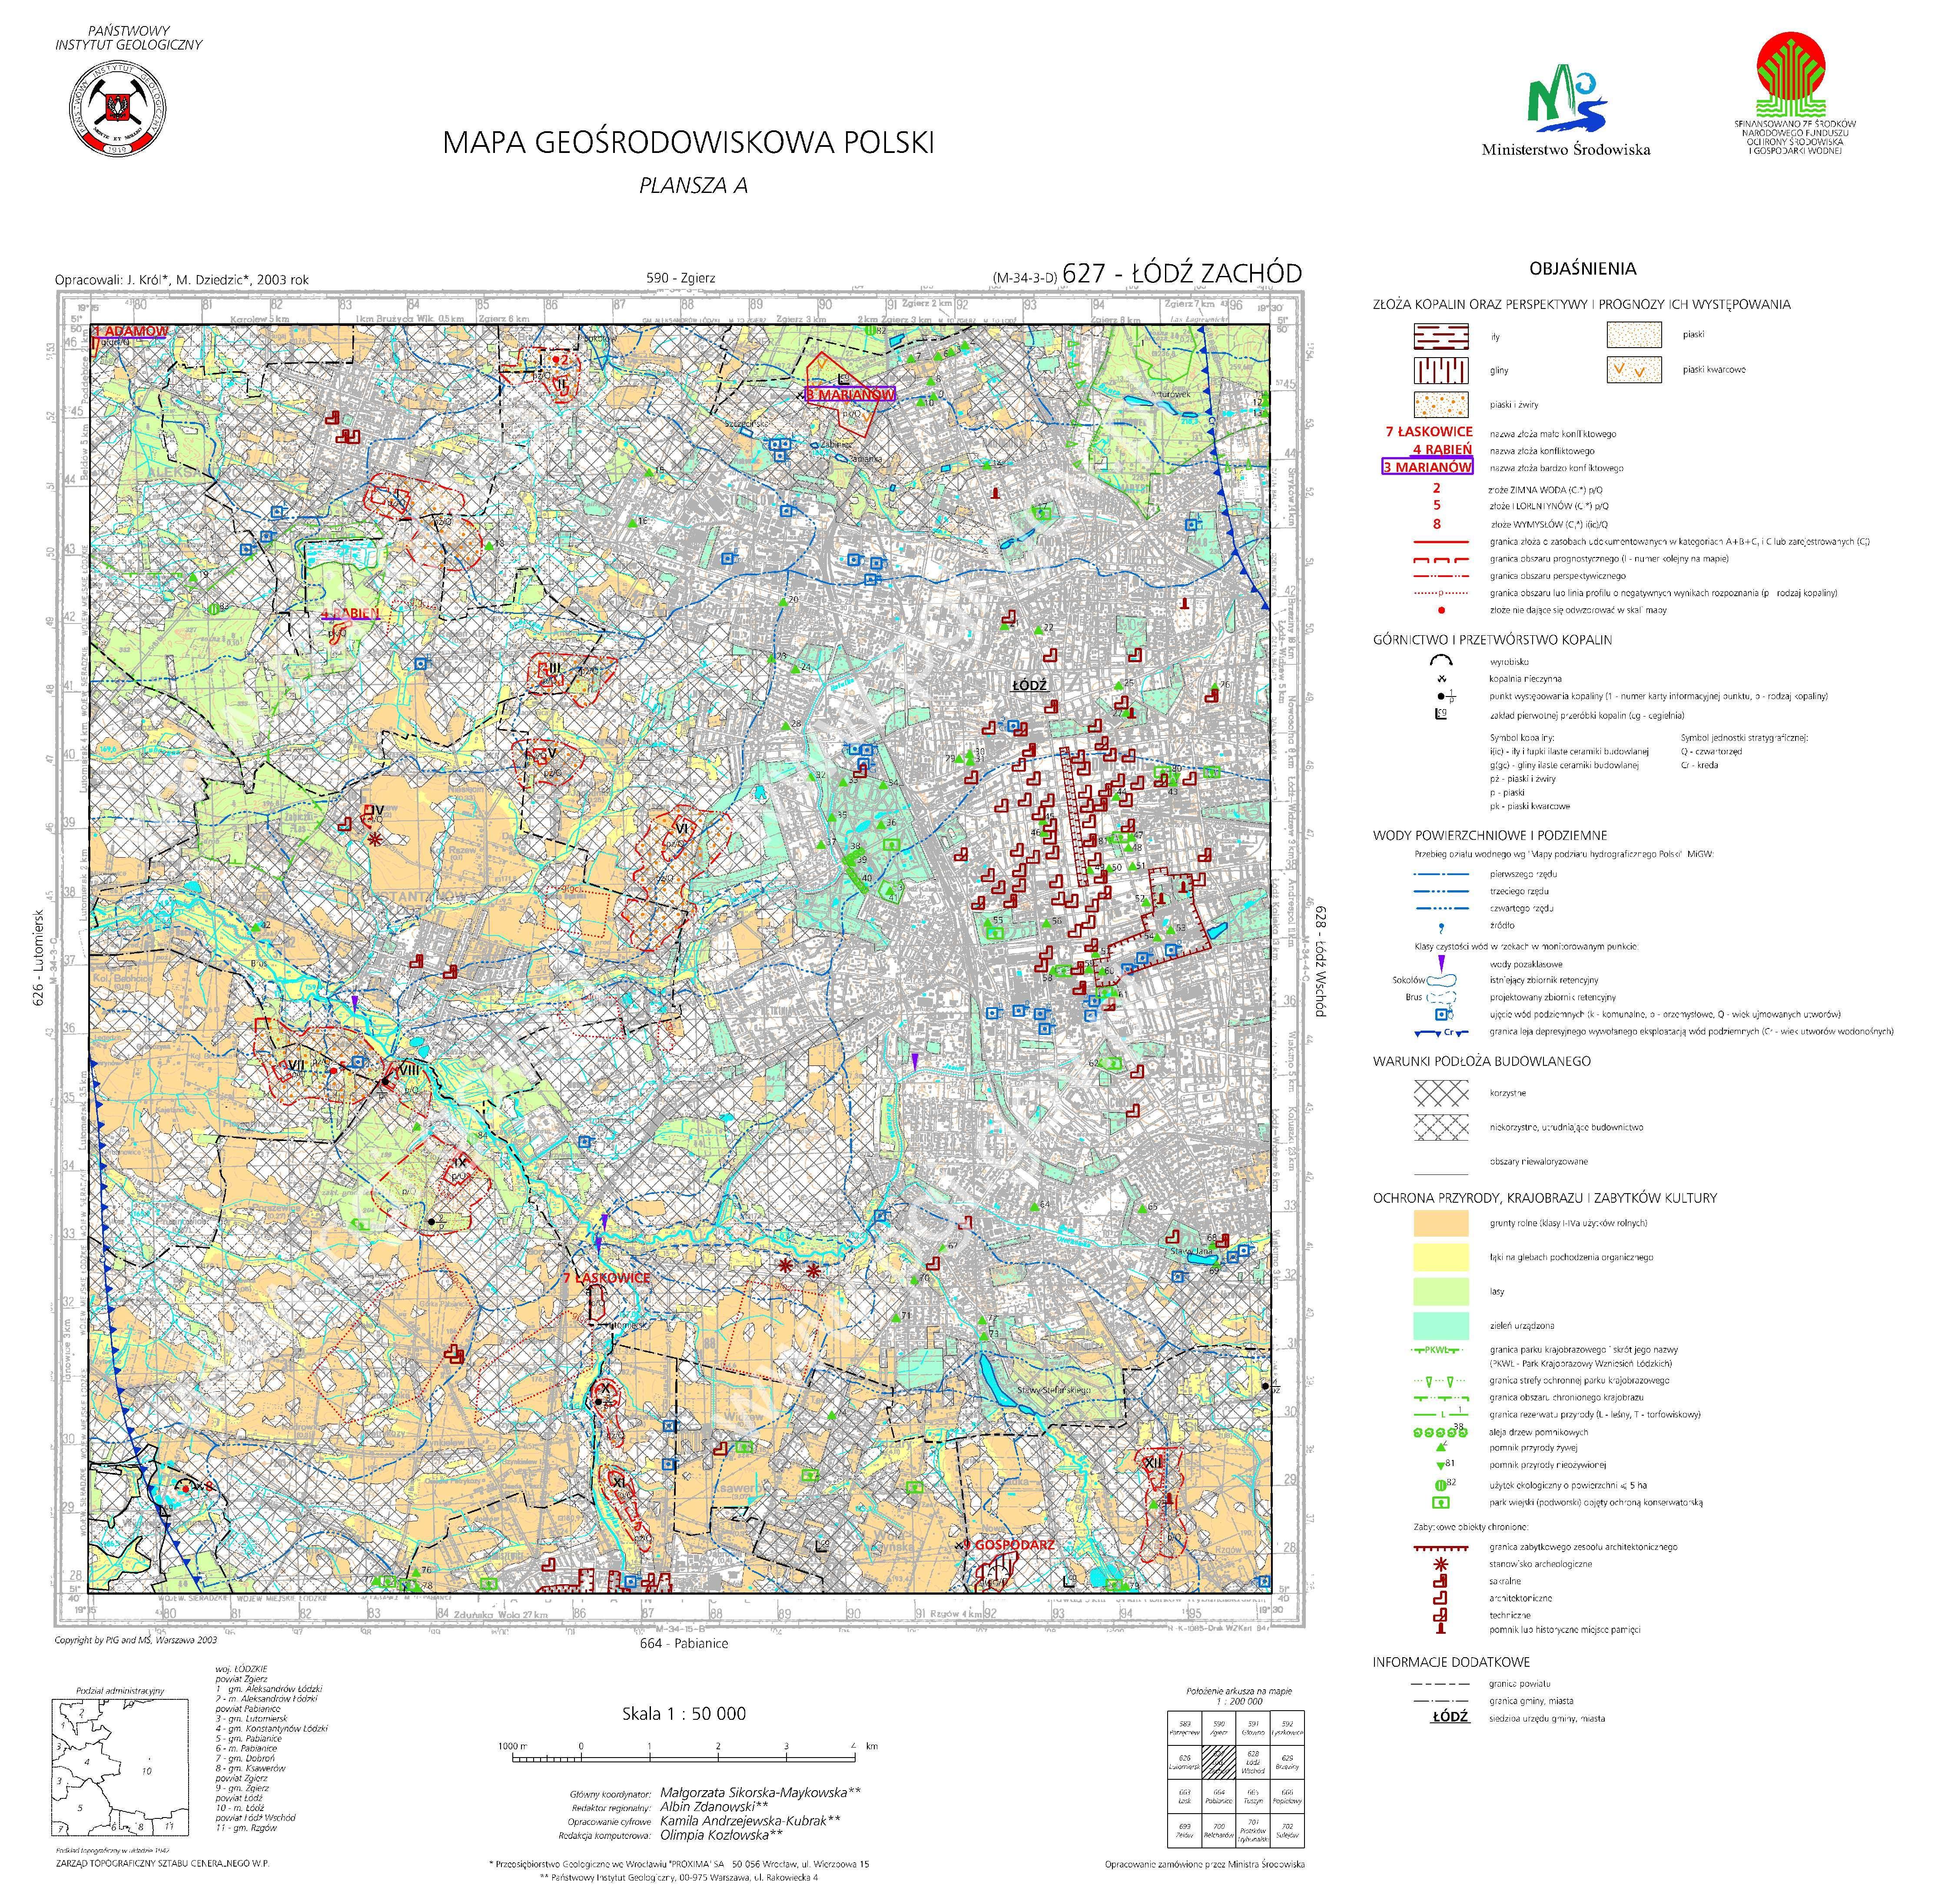 Mapa Geosrodowiskowa Polski 1 50 000 Mgsp Plansza A Arkusz Lodz